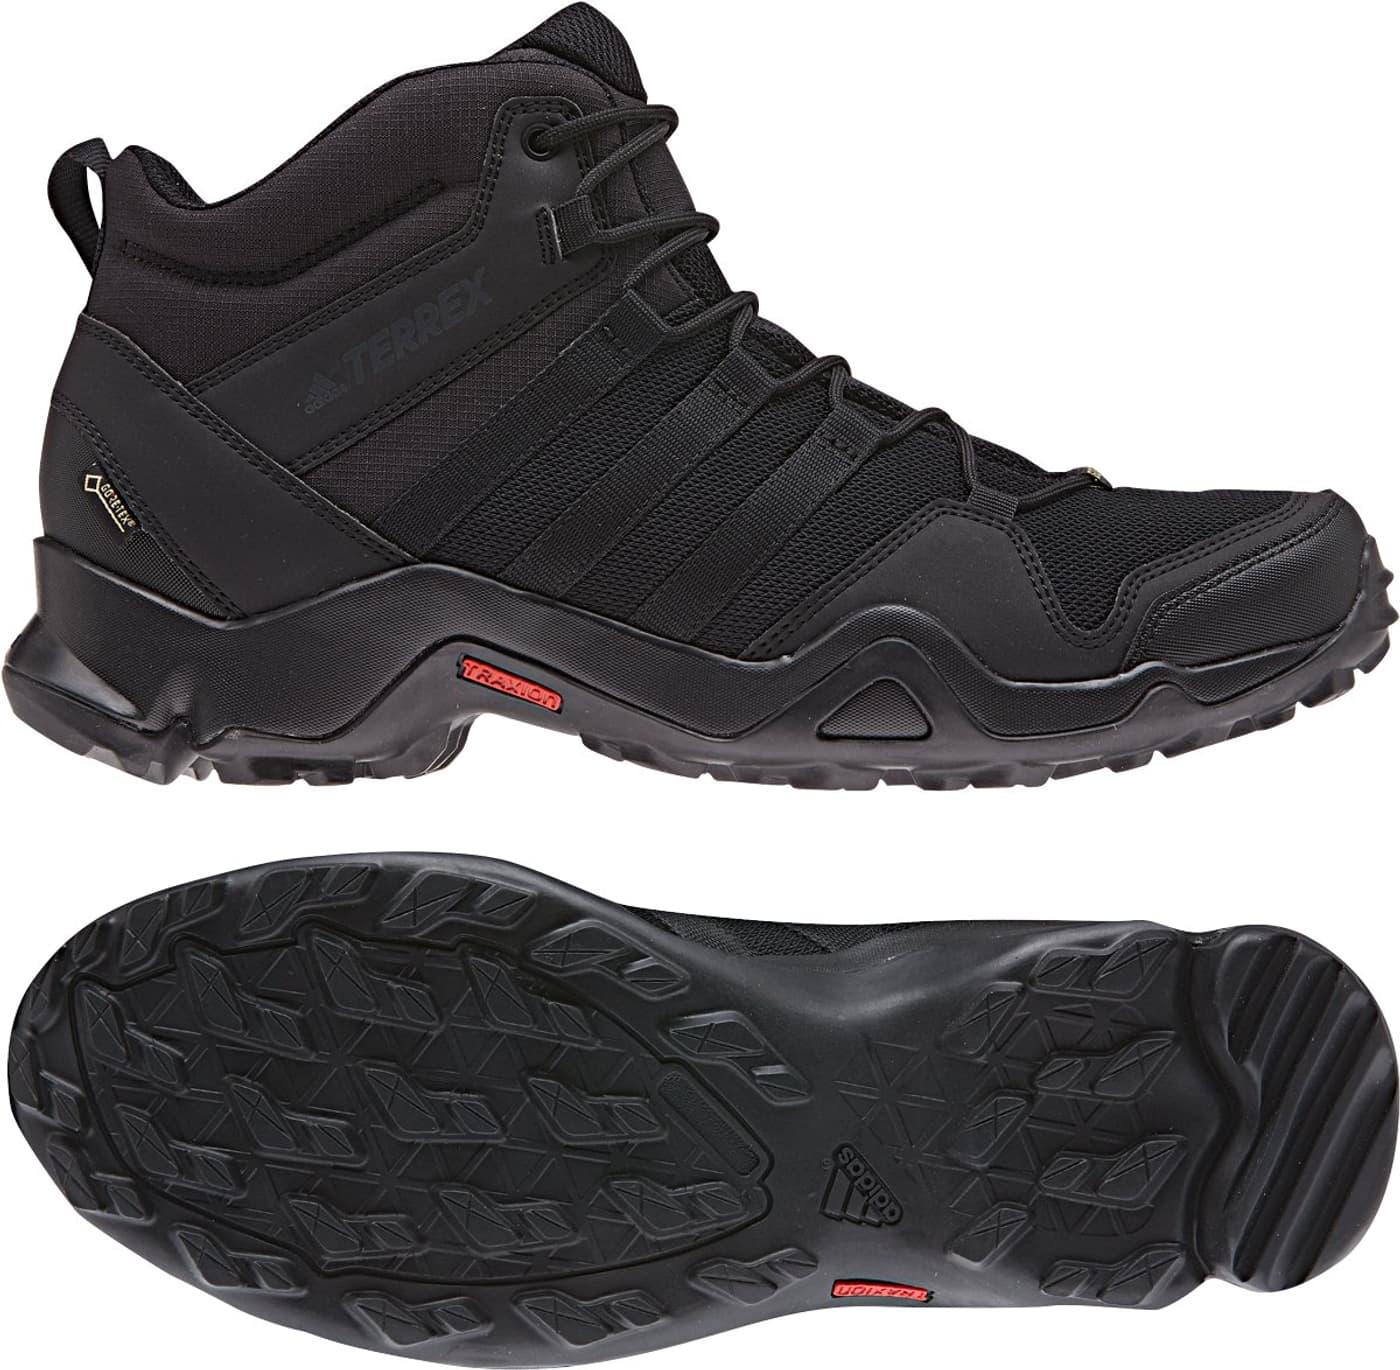 Adidas Terrex AX2R Mid GTX Chaussures de randonnée pour homme